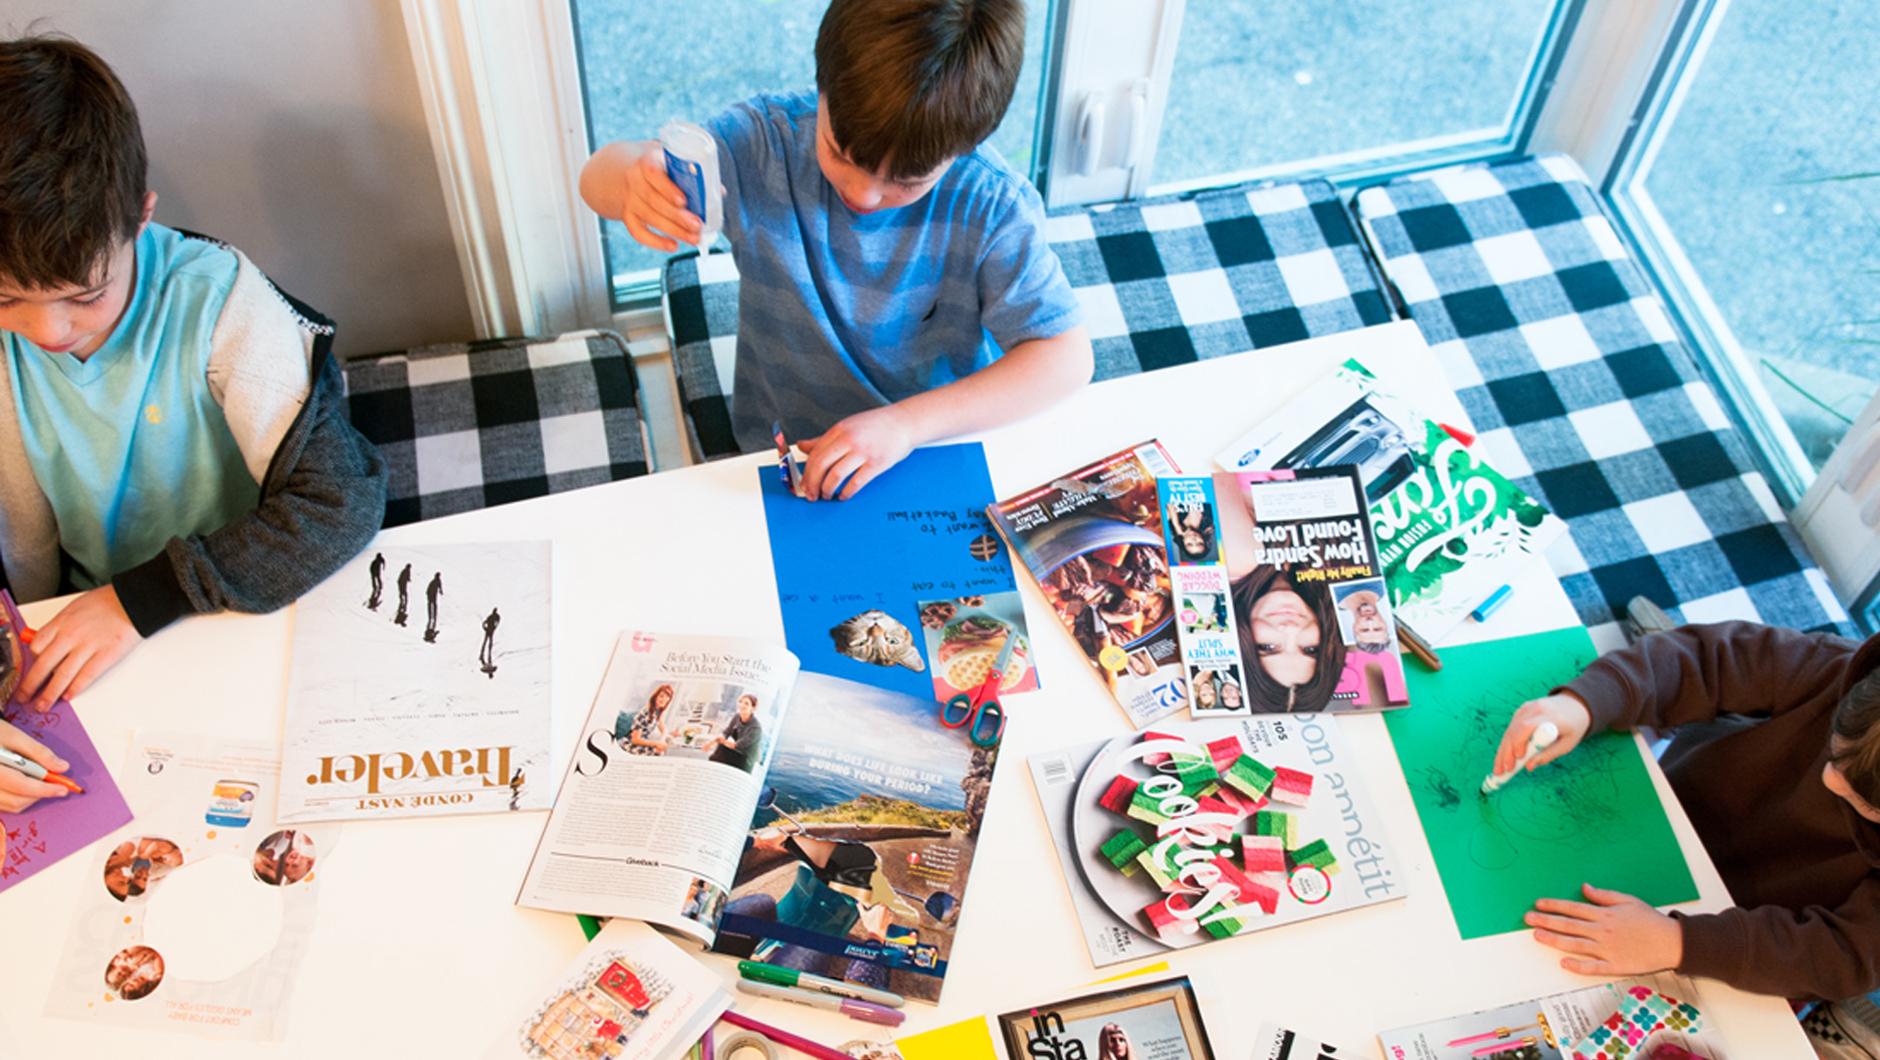 карты можно учить играть в ли ребенка